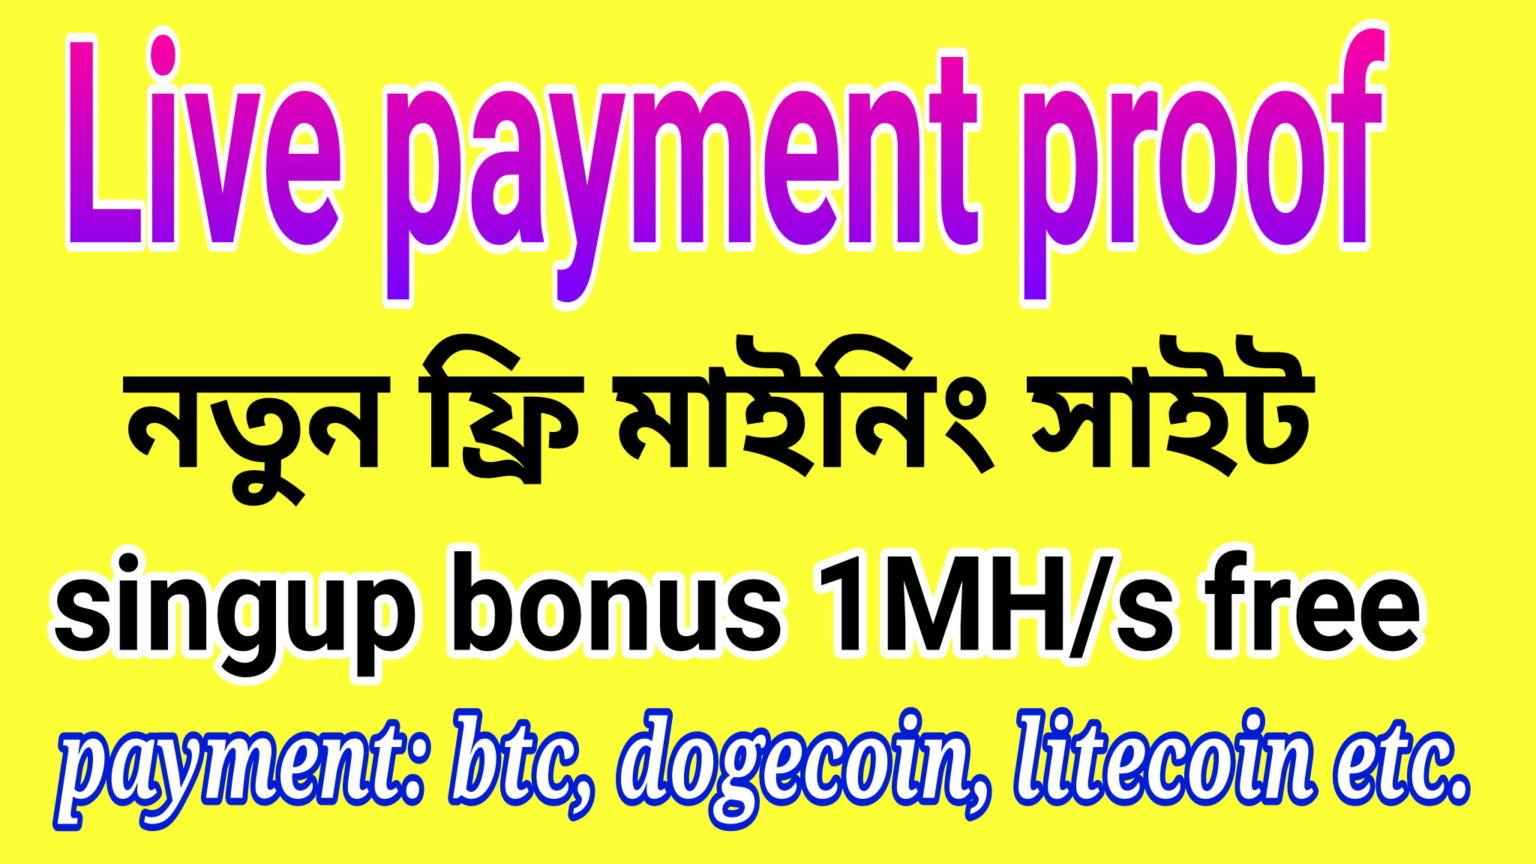 নতুন একটি সাইট থেকে ফ্রিতে btc, dogecoin, litecoin যা ইচ্ছা আর্ন করুন। withdraw দেওয়ার সাথে সাথে পেমেন্ট।[[[ live payment proof ]]]]